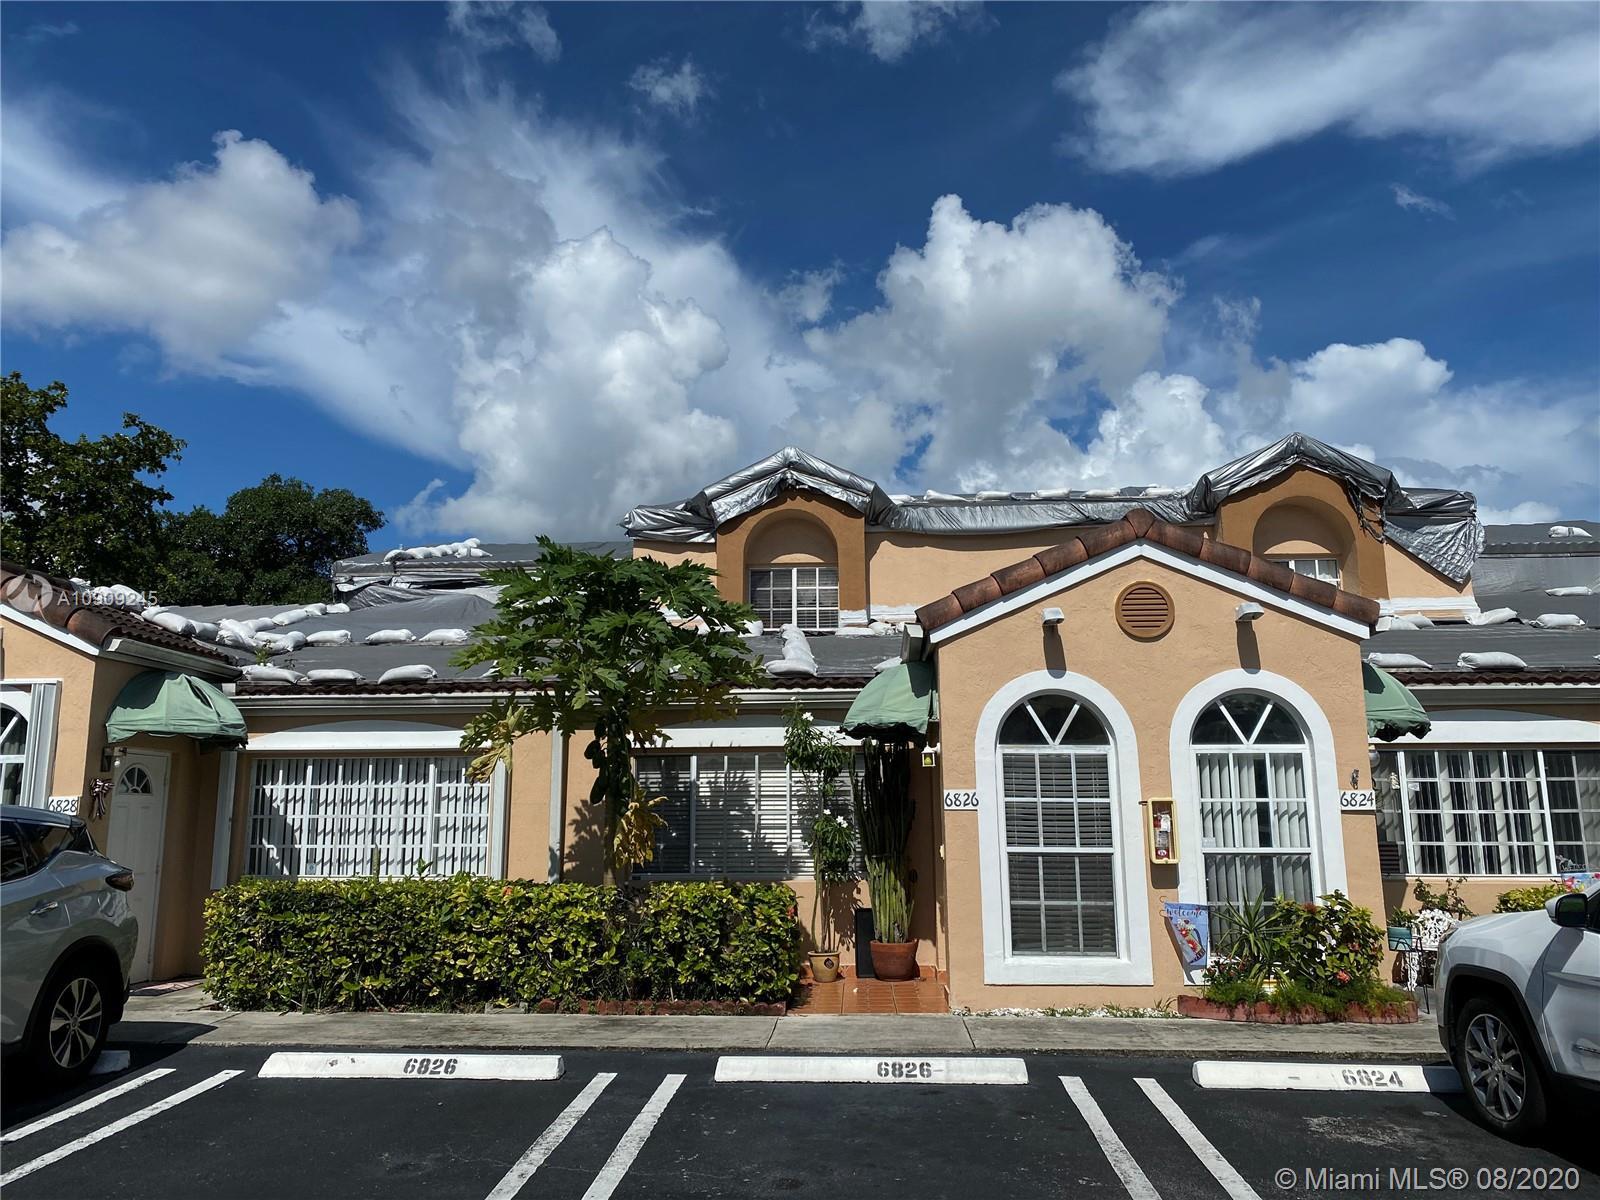 6826 NW 166th Ter Unit 703, Miami Lakes, Florida 33014